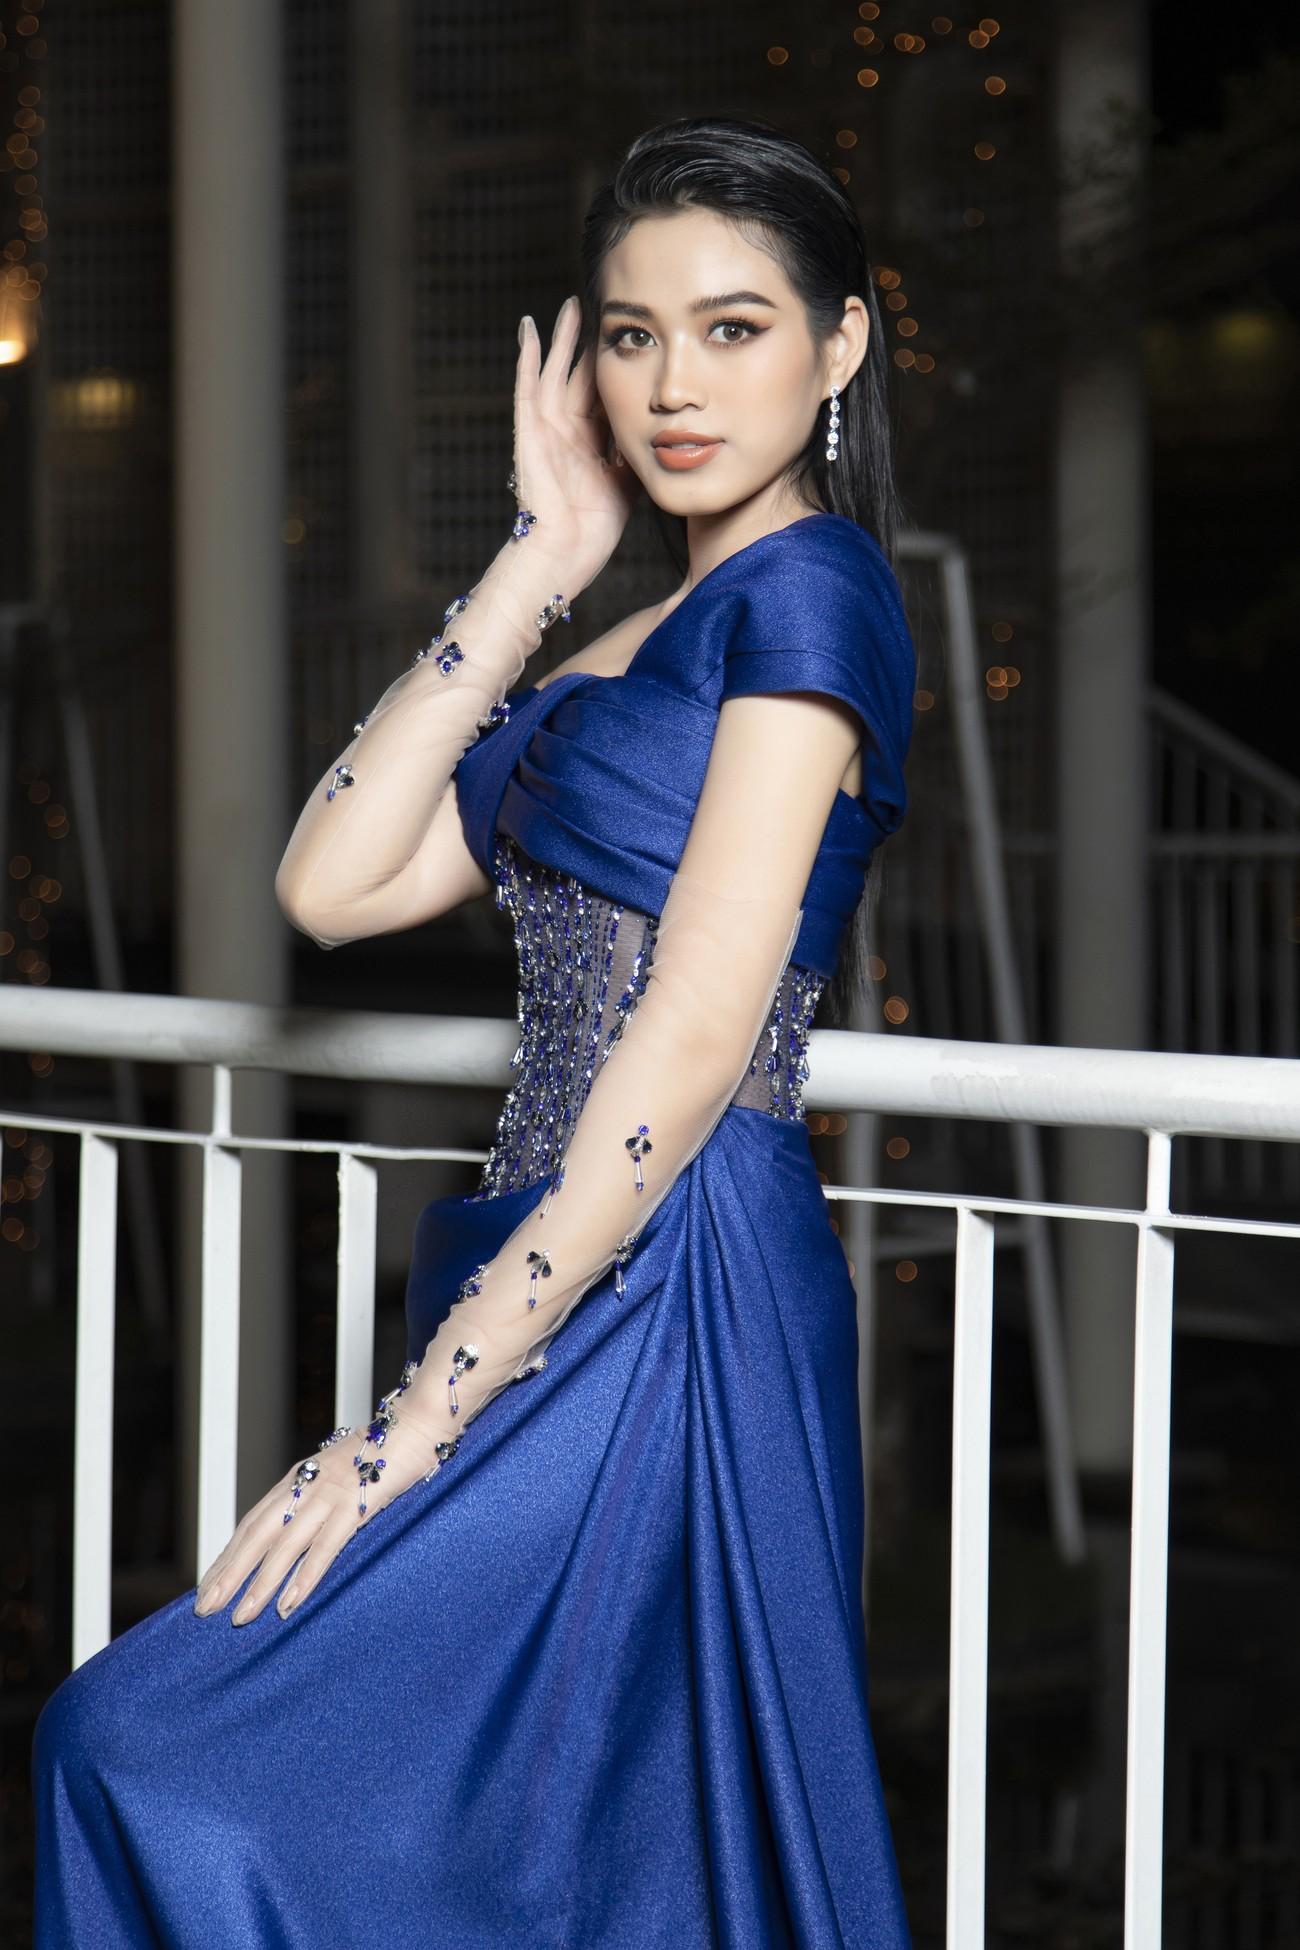 Top 3 Hoa hậu Việt Nam 2020 mặc váy cắt xẻ gợi cảm, đọ sắc Lương Thuỳ Linh-Kiều Loan ảnh 5